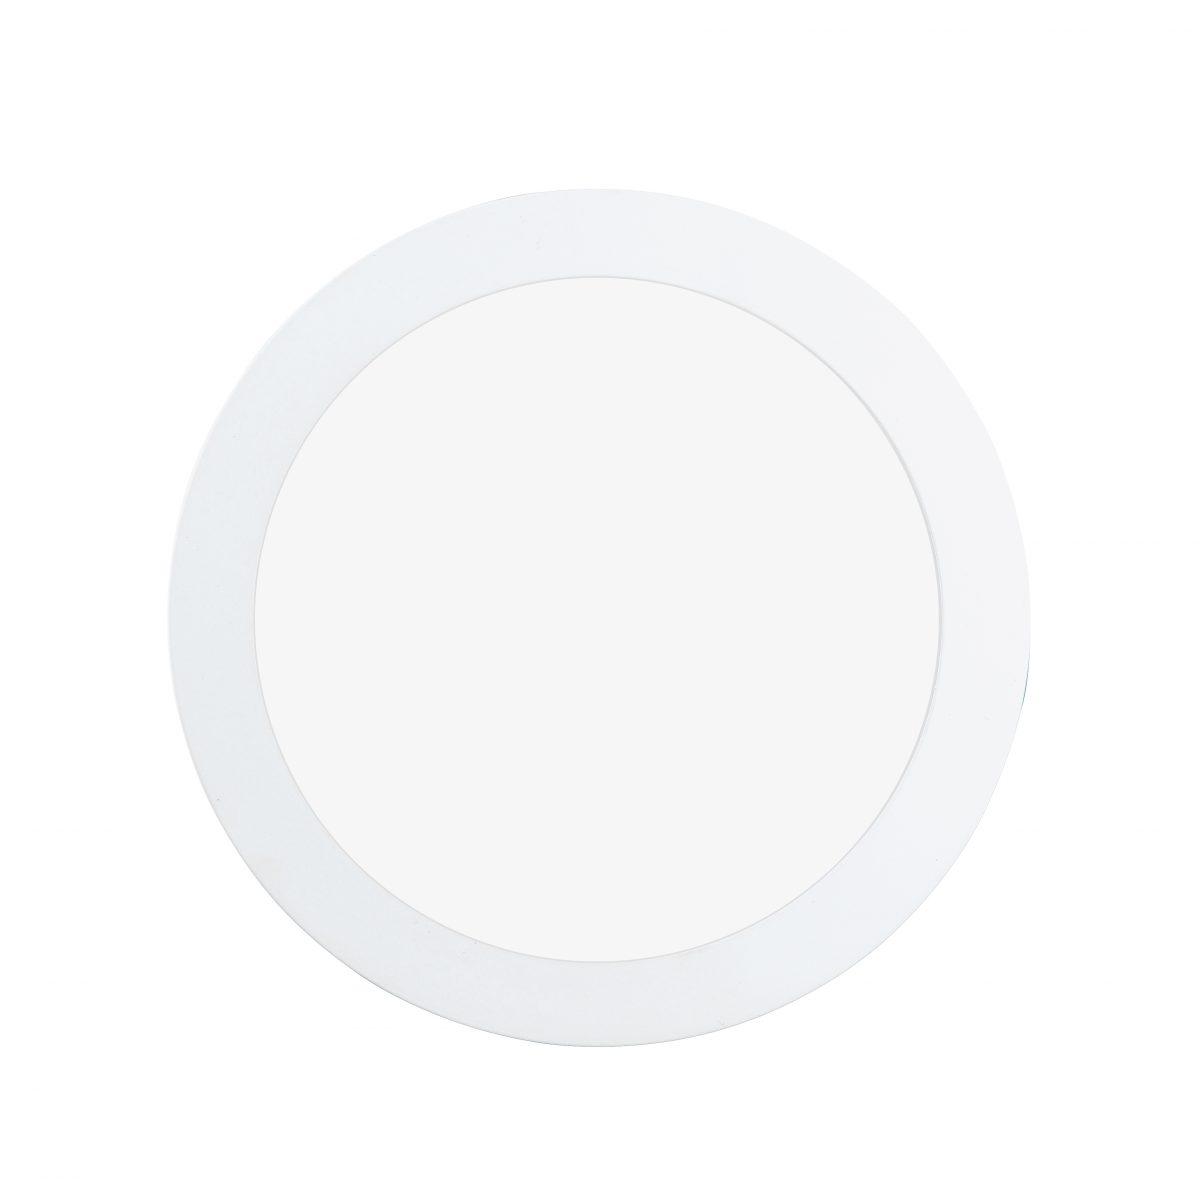 Светильник настенно-потолочный FUEVA 1 EGLO 94064 - Фото №28